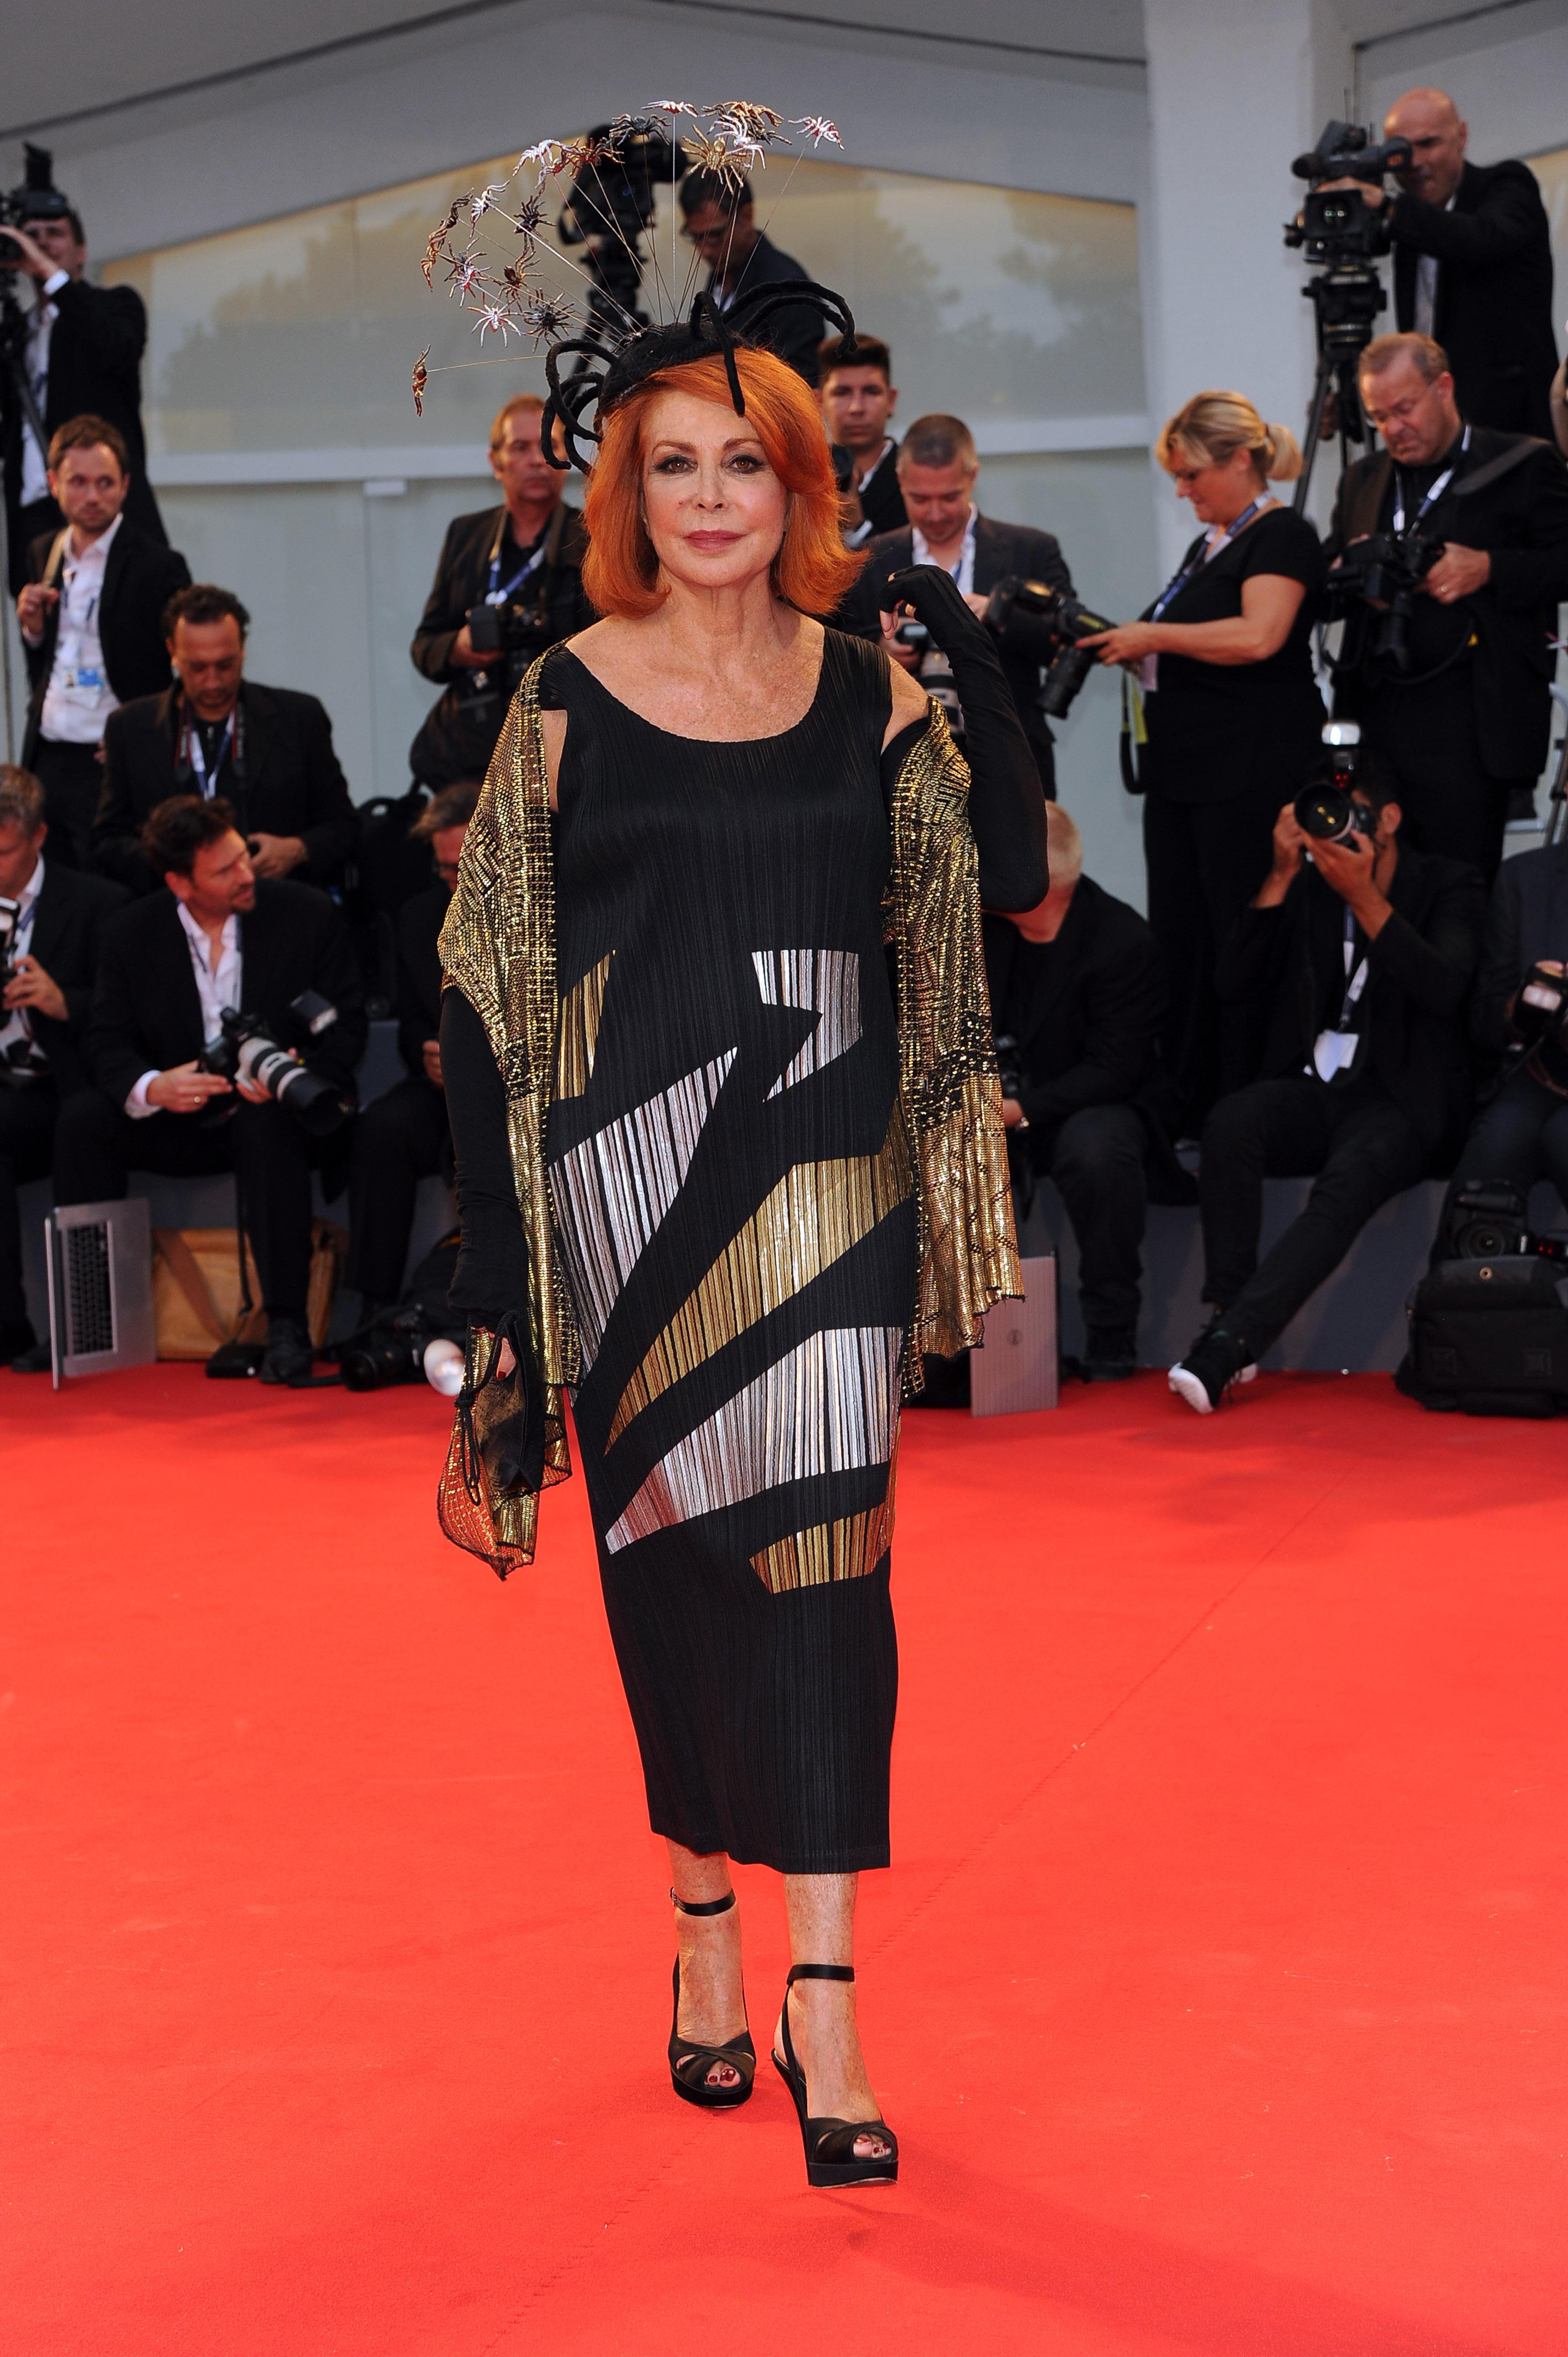 Mostra del cinema di Venezia: le foto del secondo red carpet